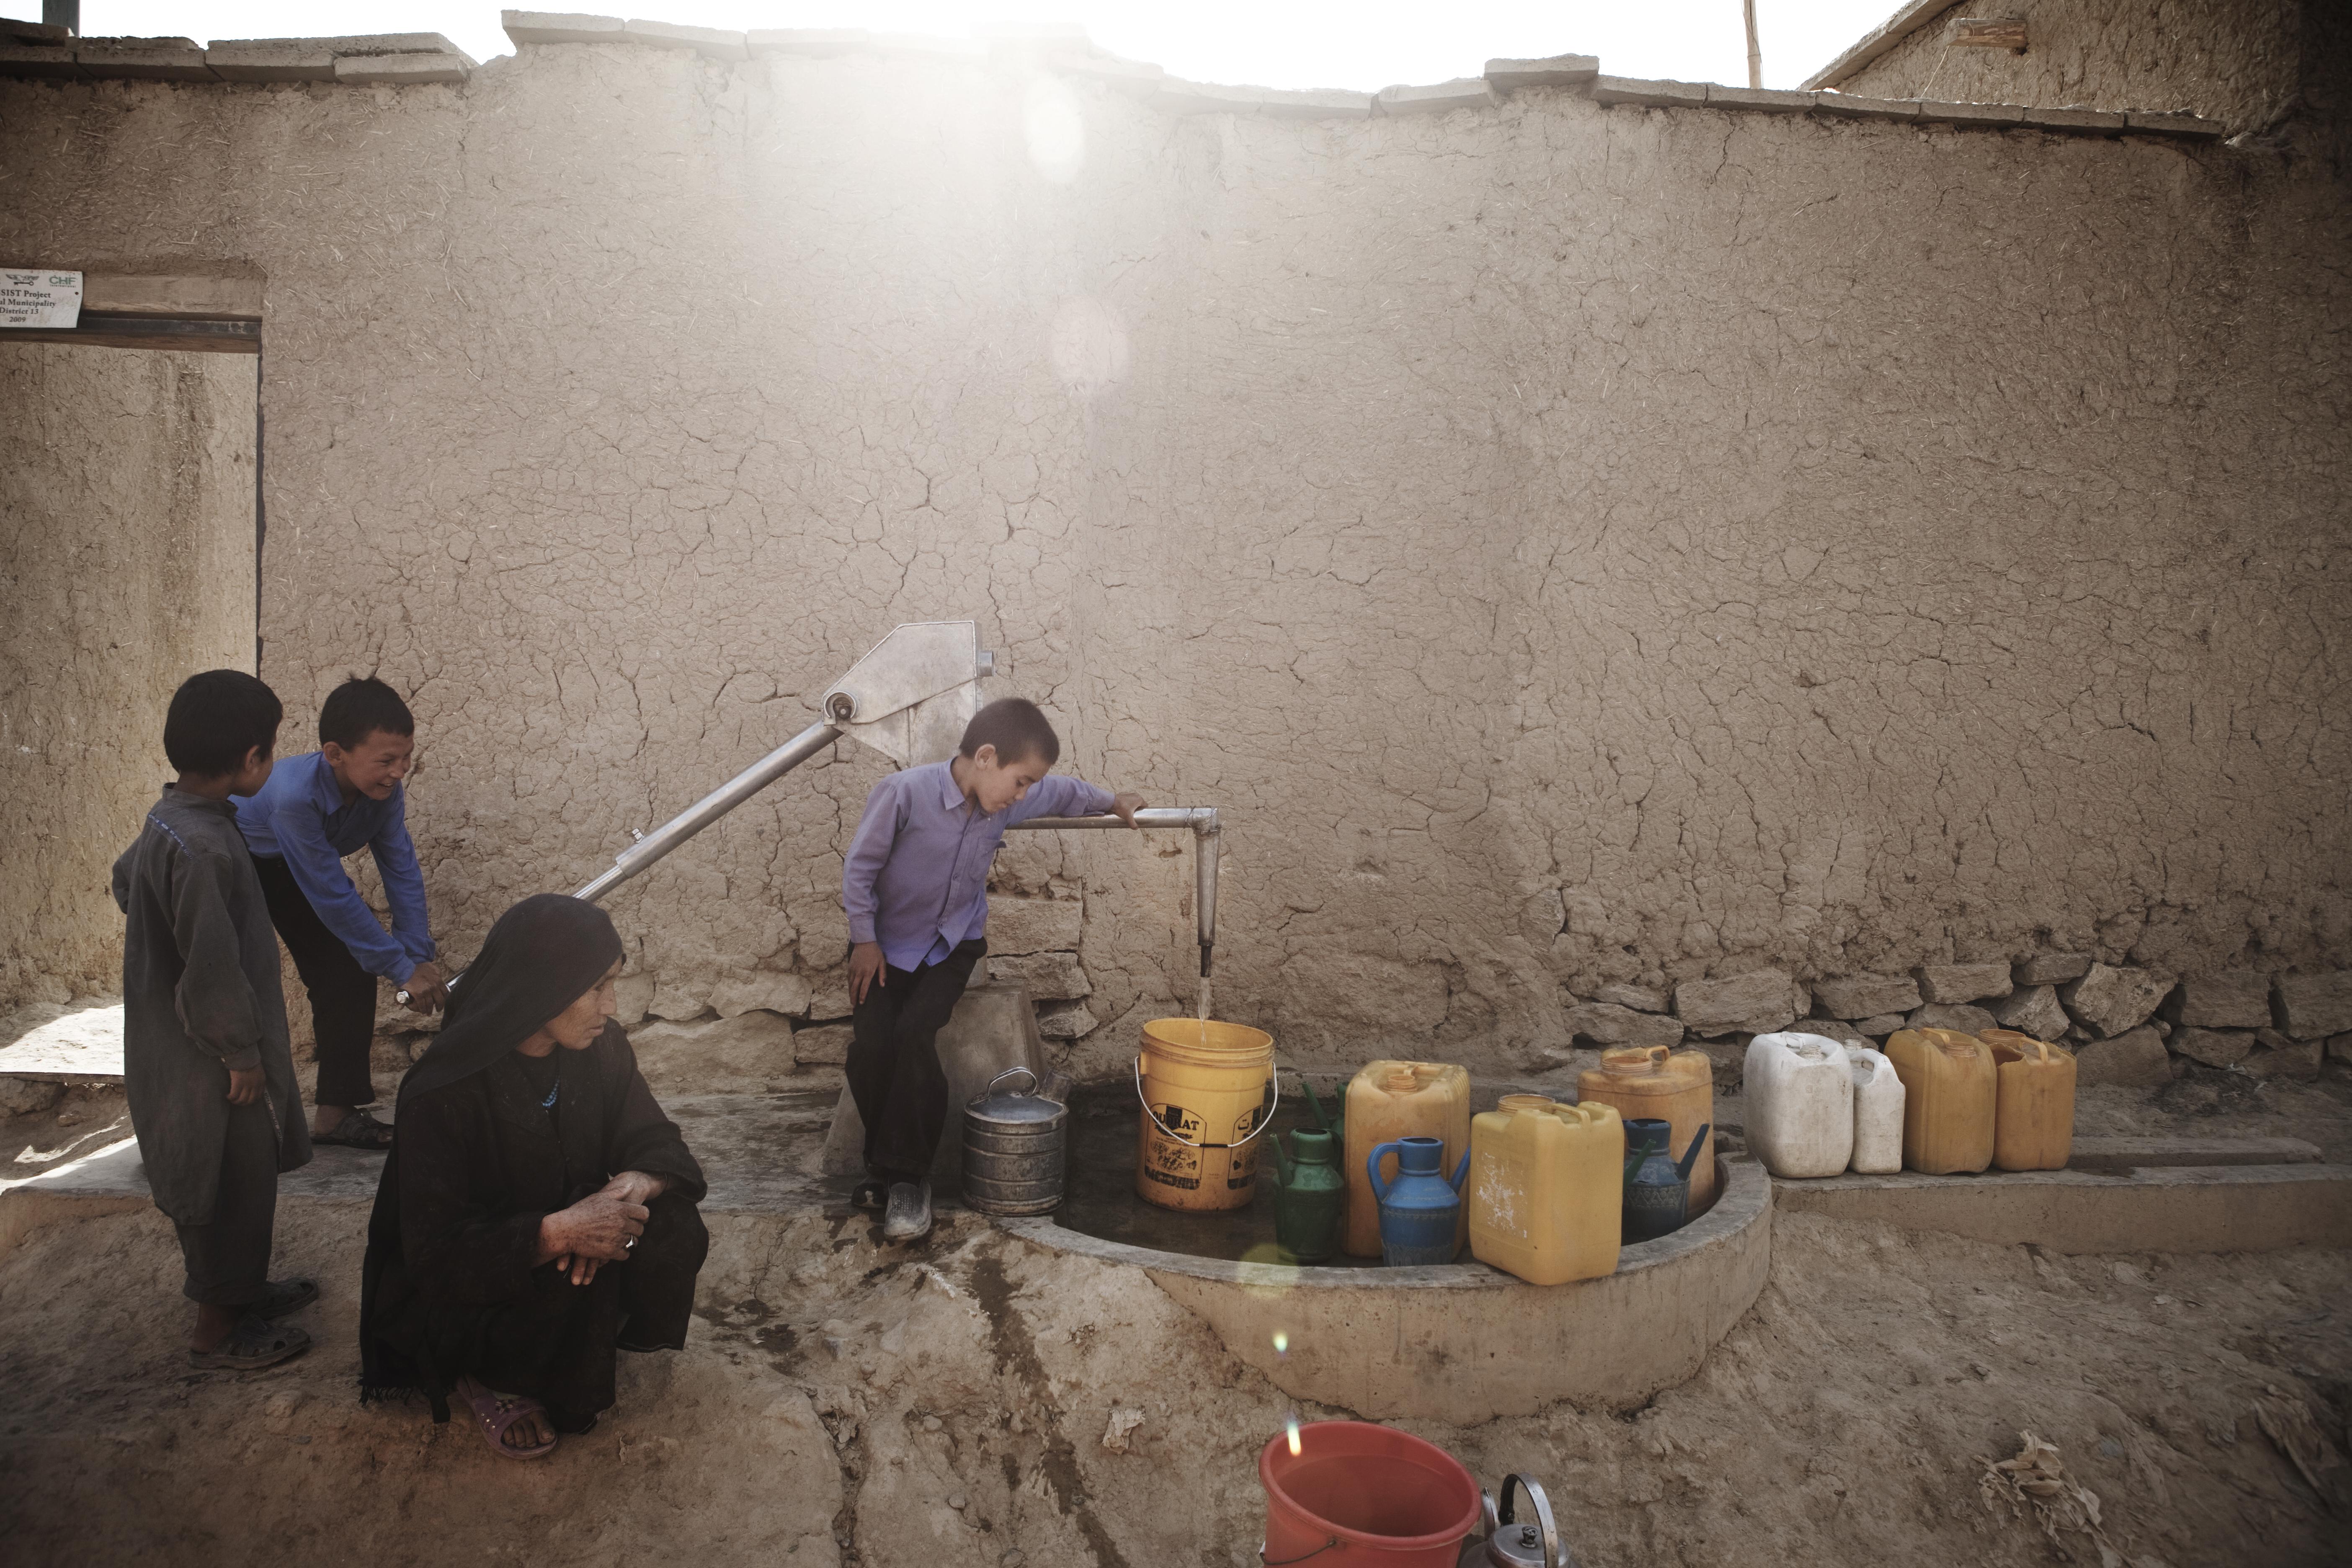 afghanistan-crise-mission-historique-aide